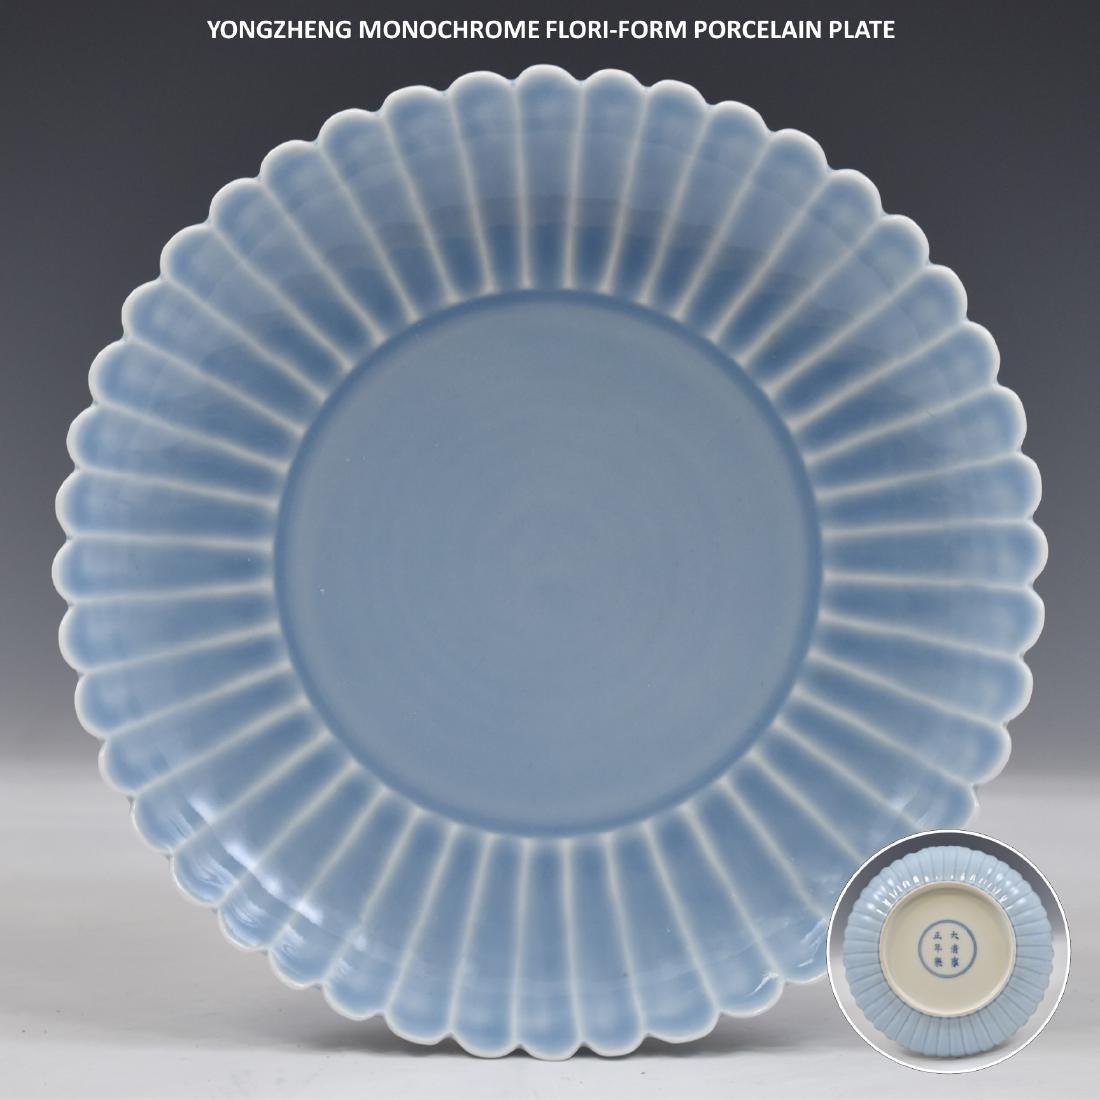 YONGZHENG MONOCHROME FLORI-FORM PORCELAIN PLATE